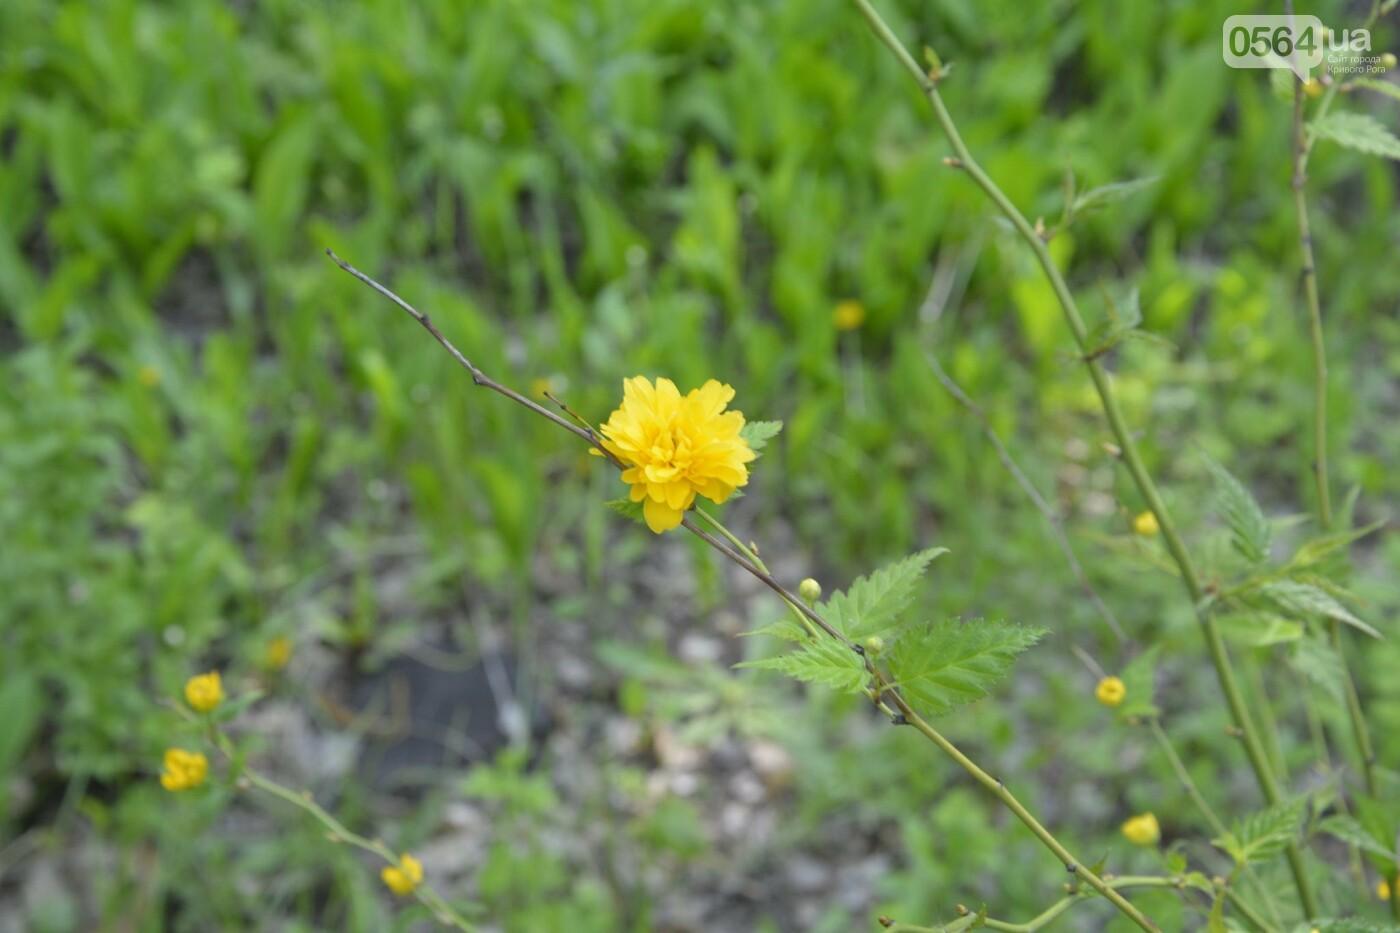 """Коллекция сирени, тюльпан """"Черный кофе"""", барбарис, - как выглядит Криворожский ботанический сад сегодня, - ФОТО, фото-13"""